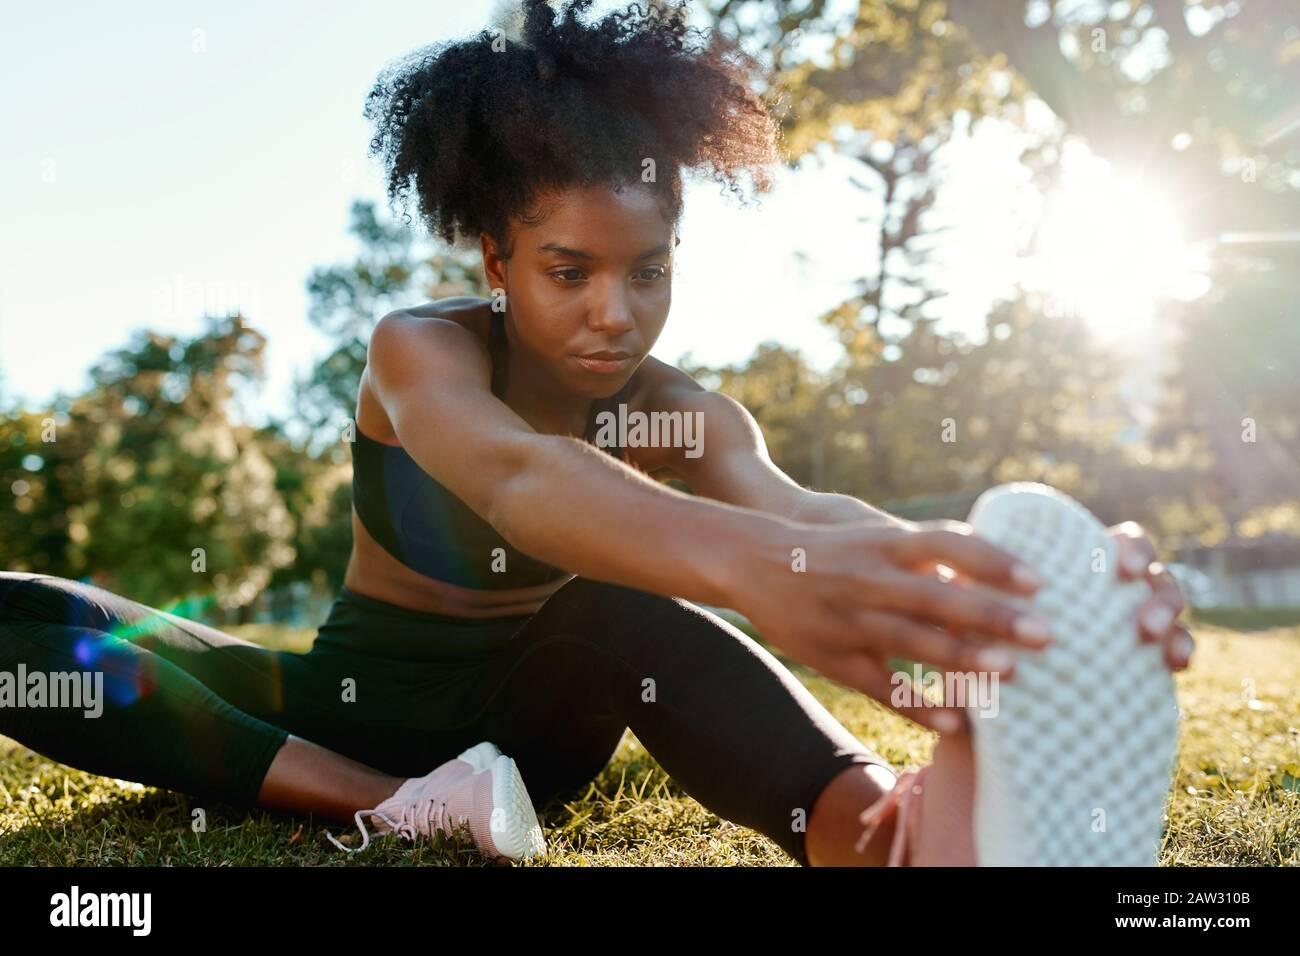 Retrato de una joven afroamericana sentada en el parque estirando sus piernas bajo la luz del sol - joven mujer negra calentando sus piernas antes Foto de stock